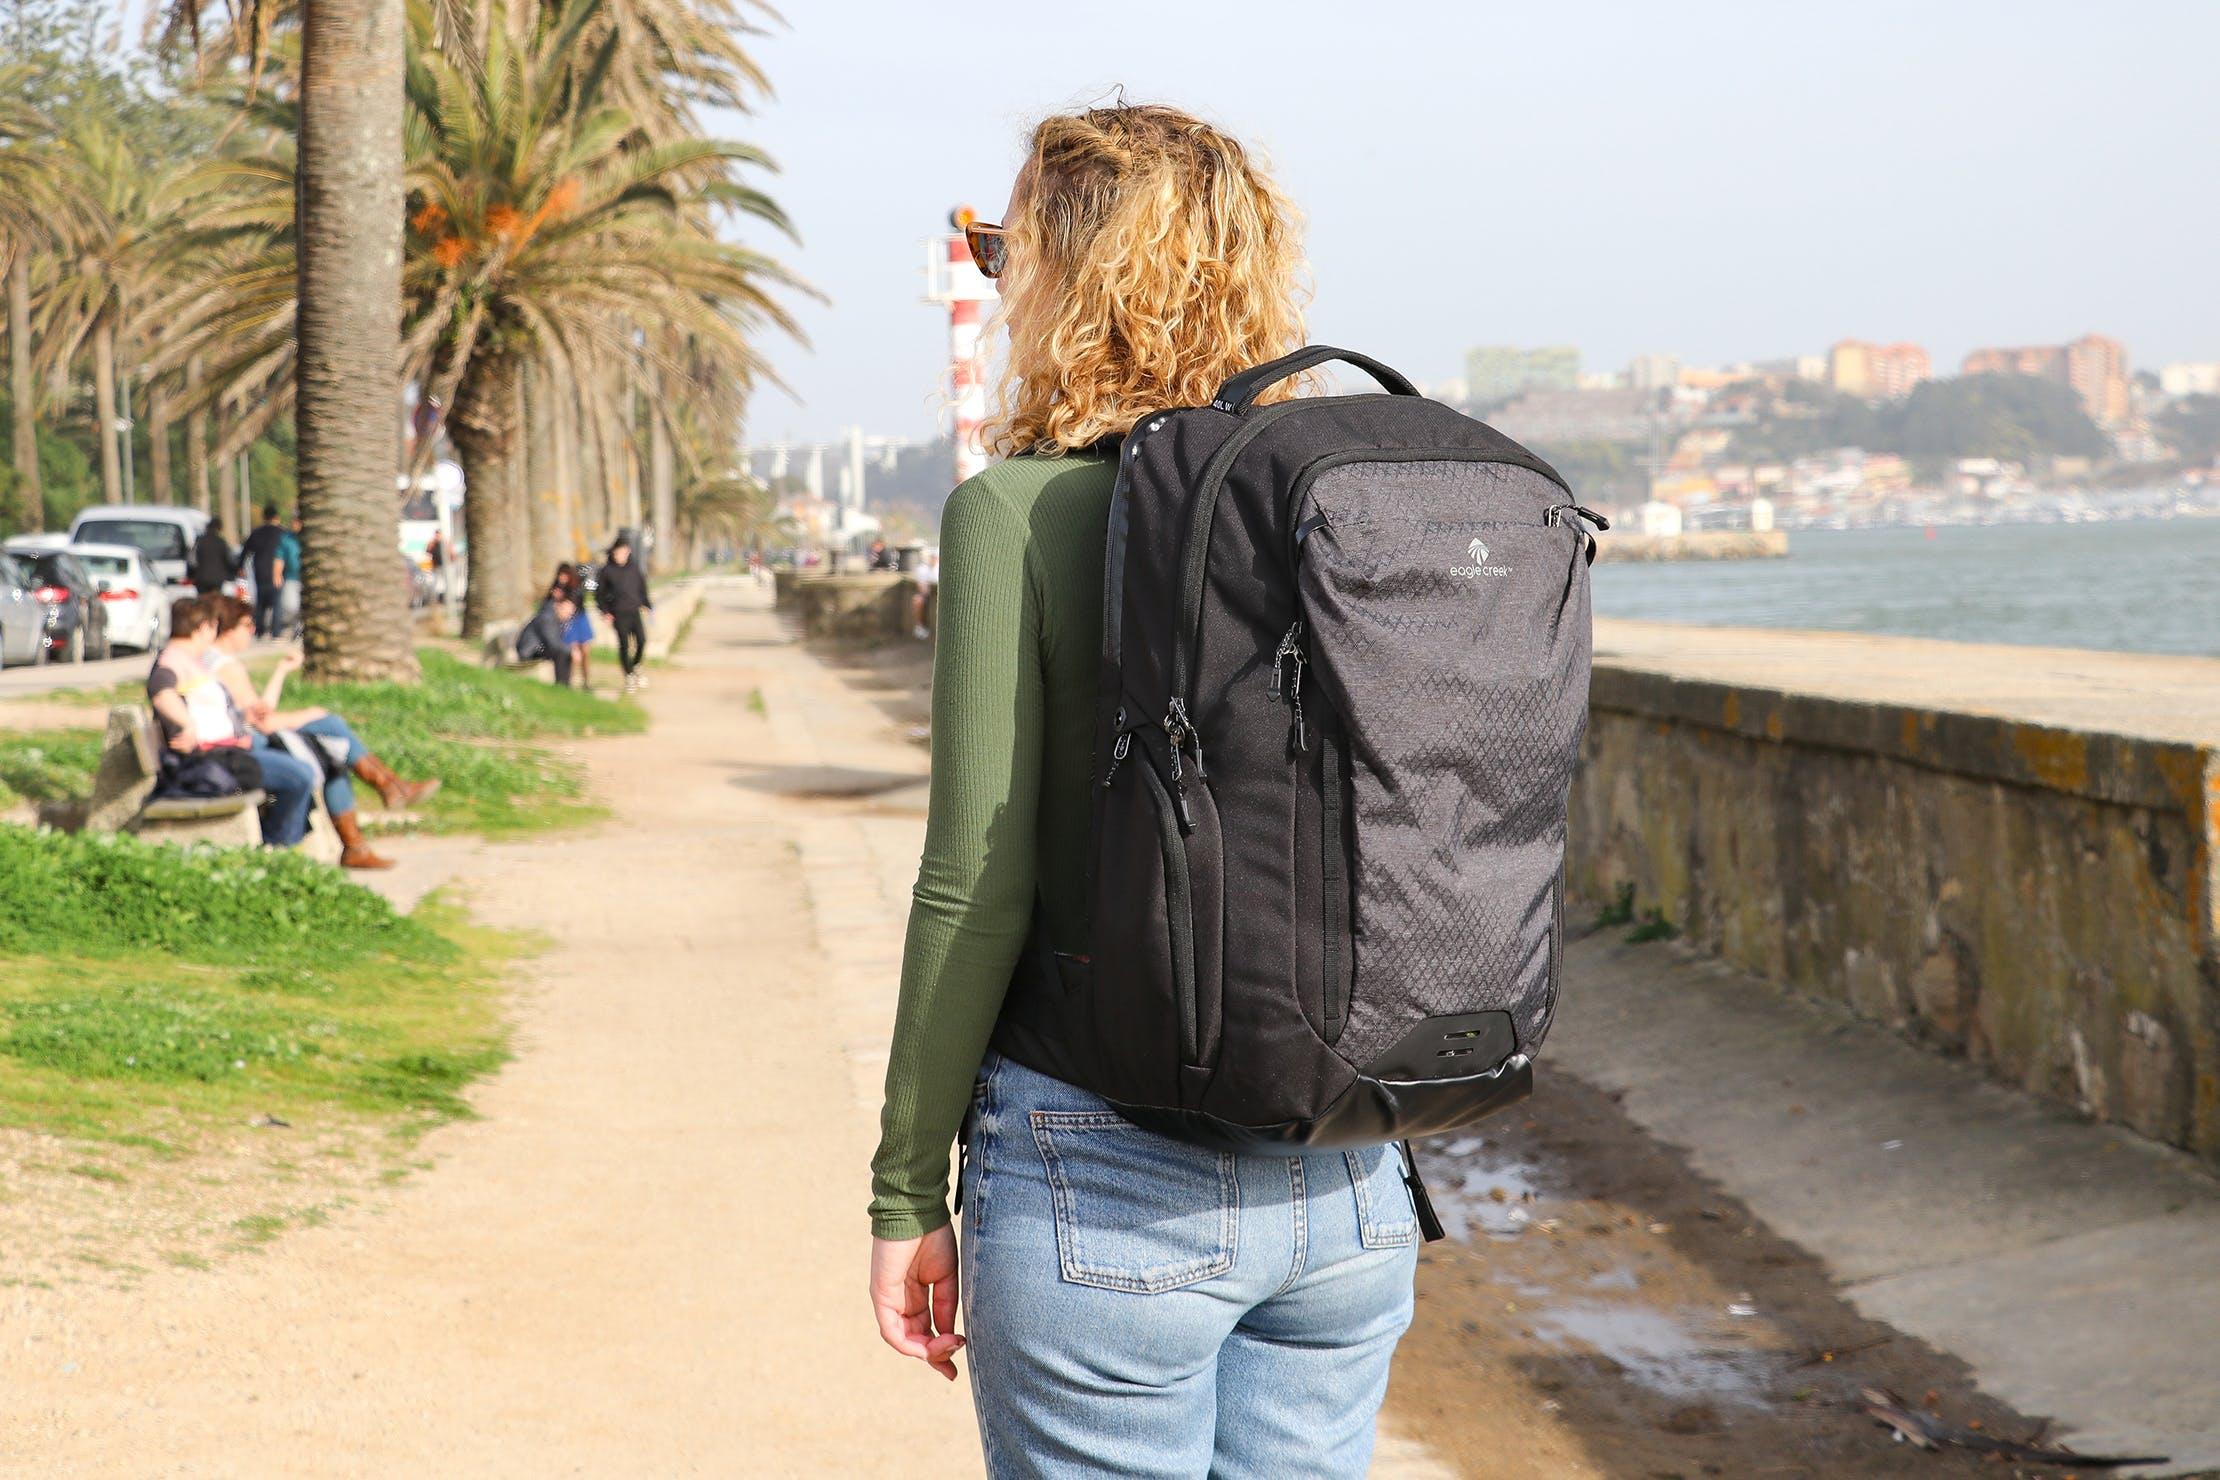 Eagle Creek Wayfinder Backpack 40L In Porto, Portugal